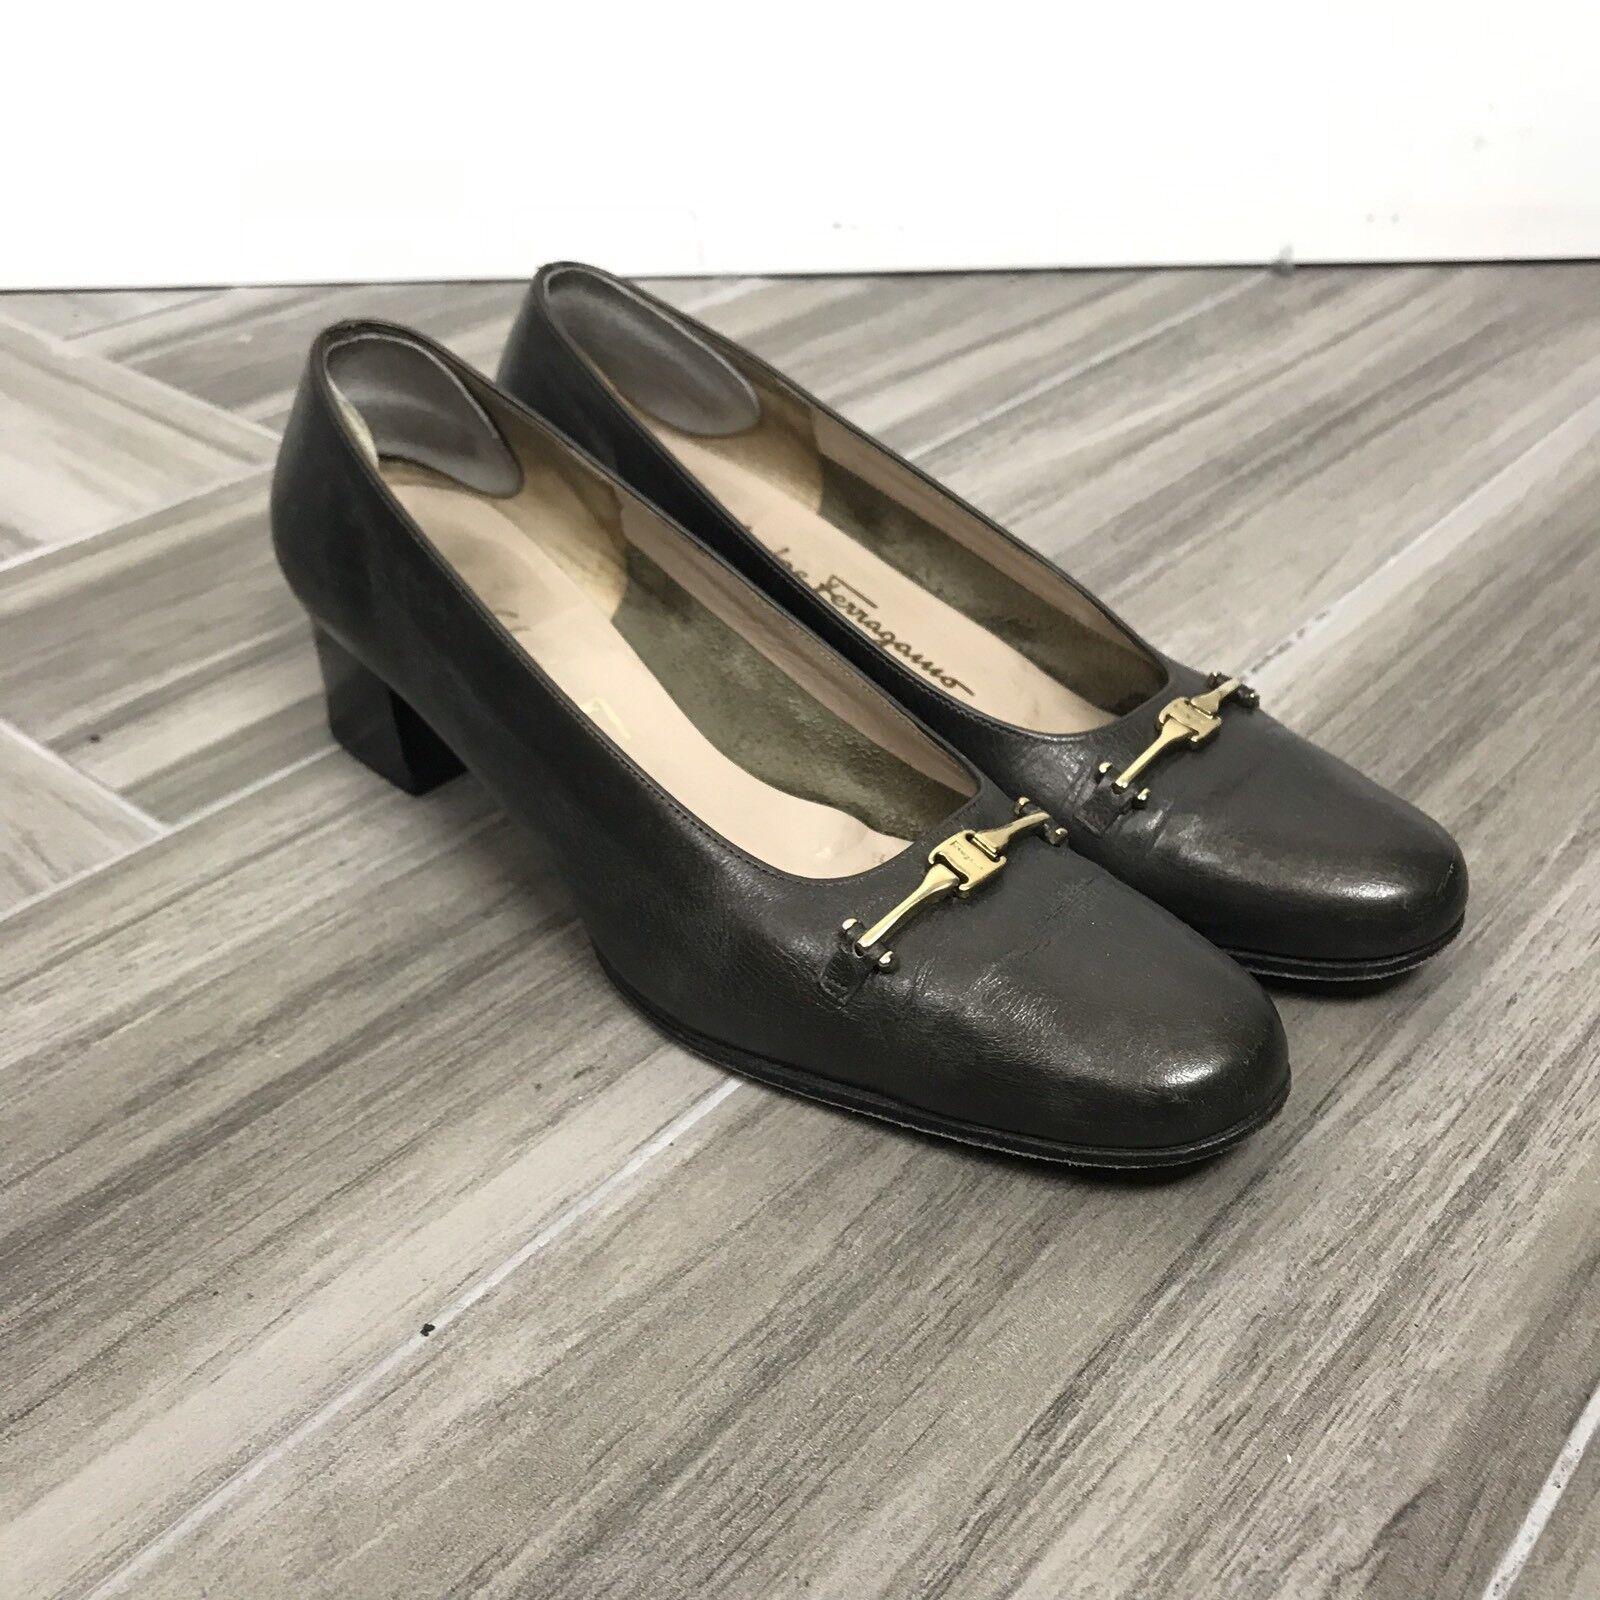 Salvatore Ferragamo damen Block Heels schuhe Größe 7.5 AA Pewter Slip On GHW